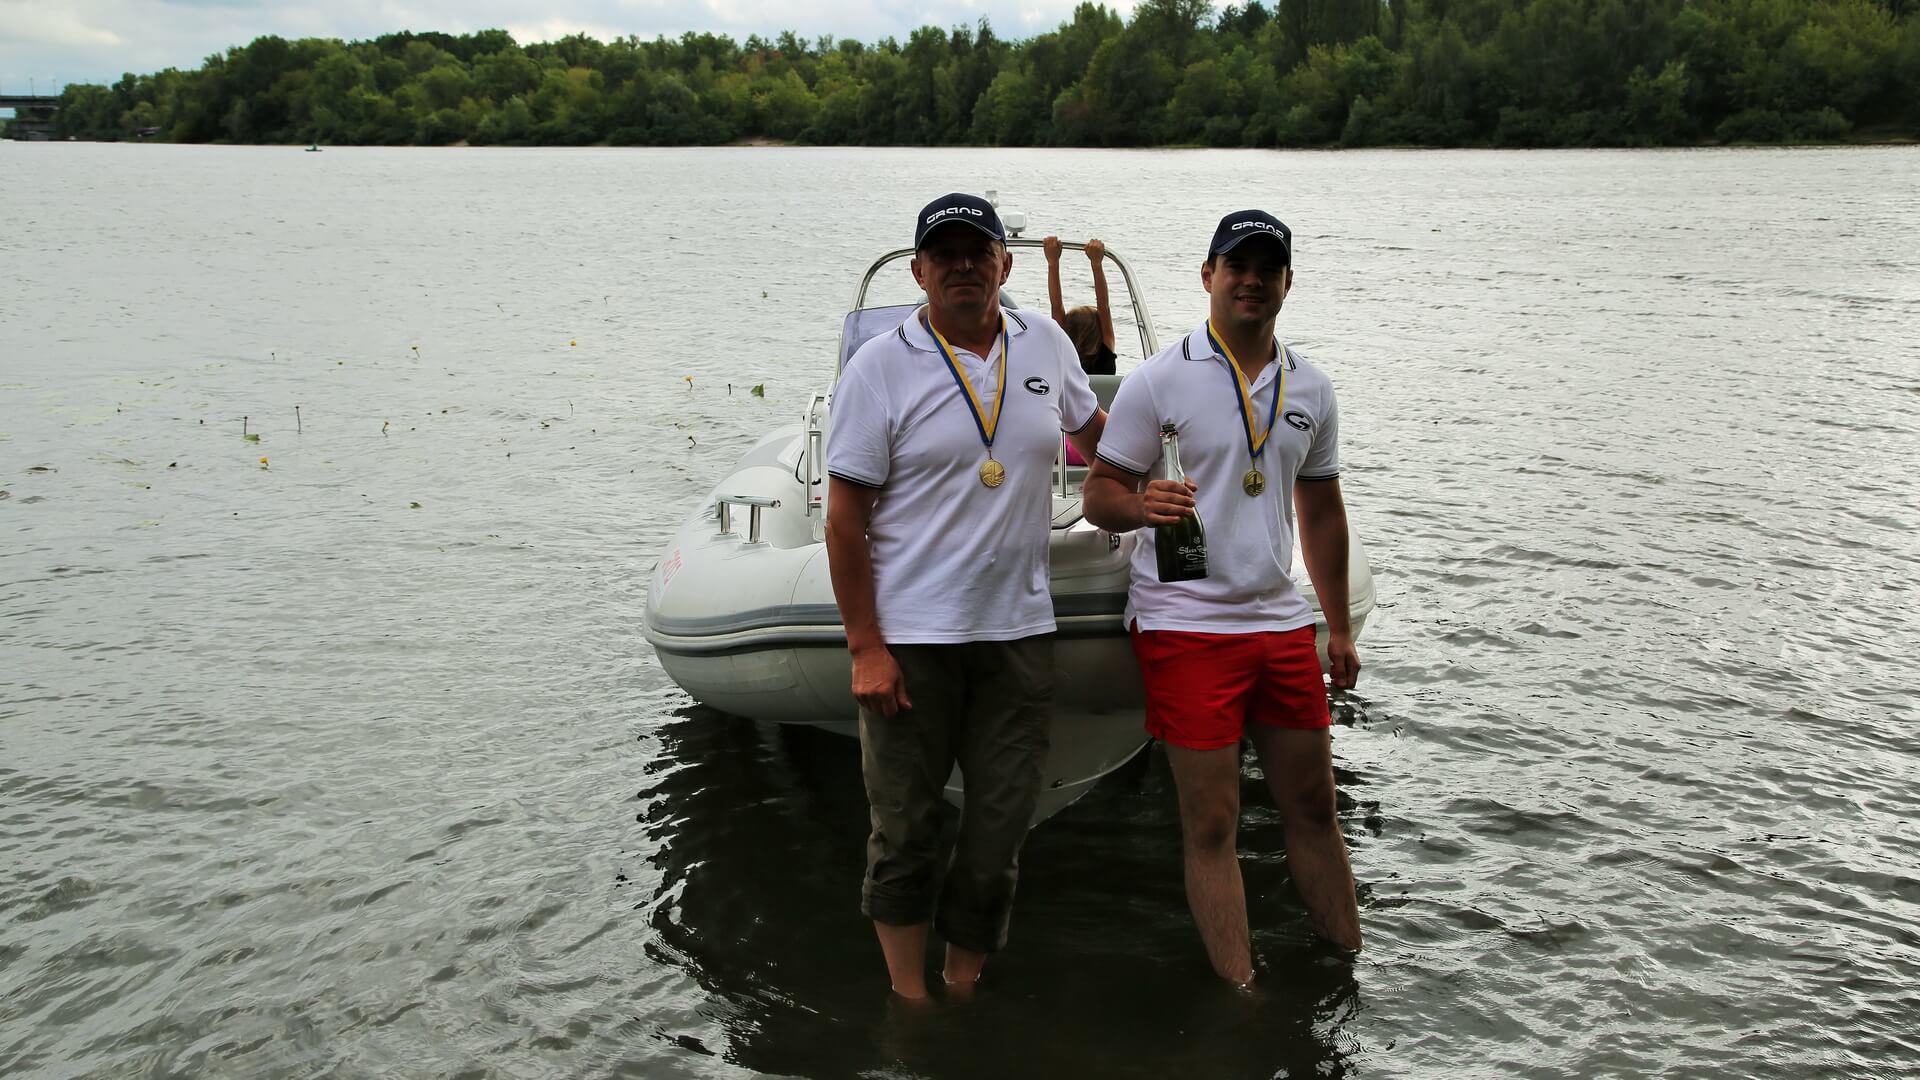 Кубок України з водно-моторного спорту 2017 року, гонки водно-моторные, кубок водно-моторного спорта, гонки, гонки на лодках, гонки на катерах, rib лодка